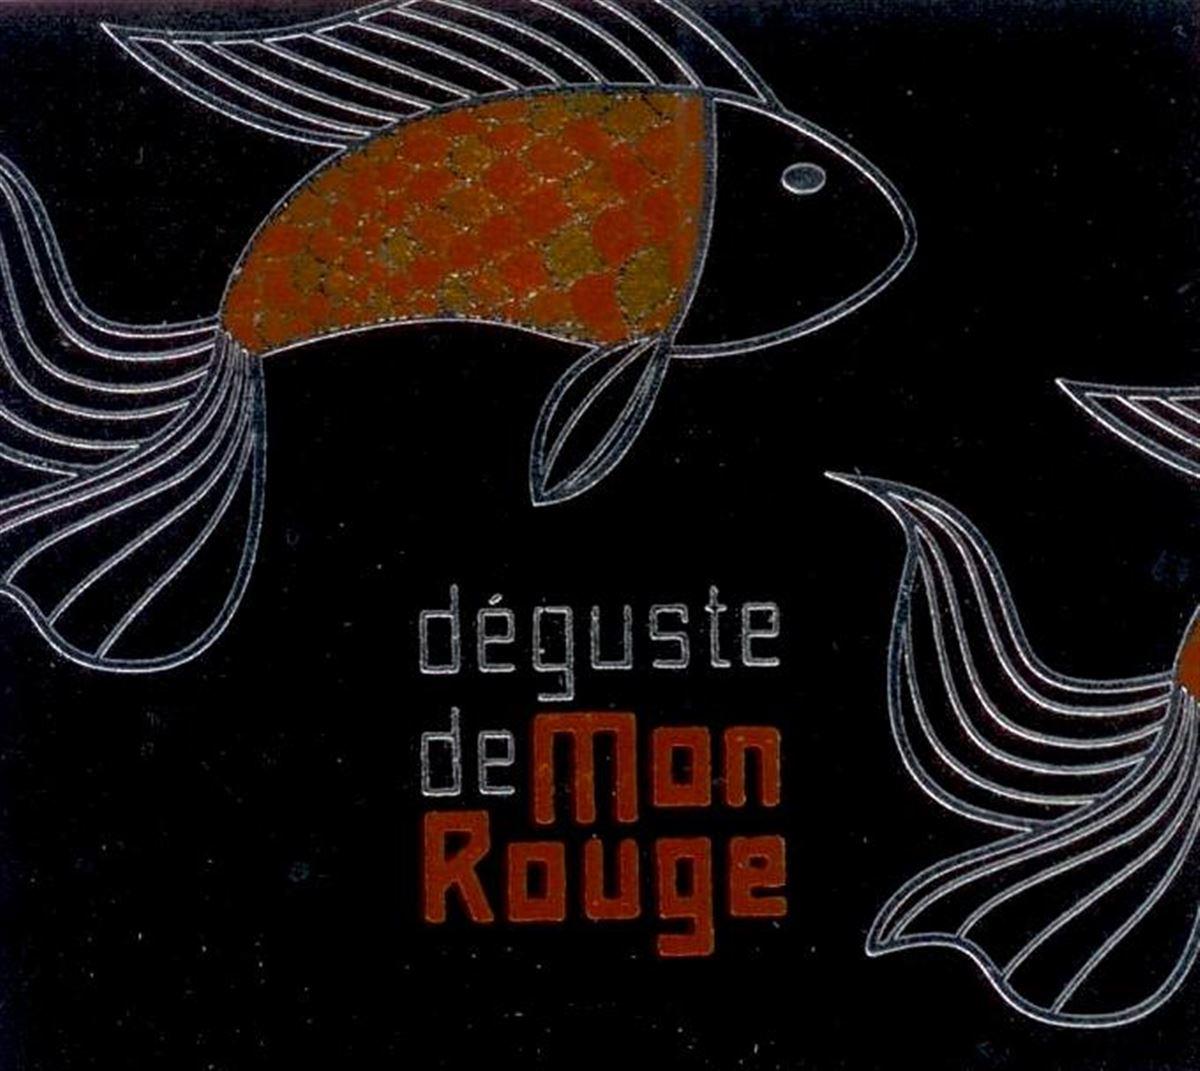 Domaine du mas rouge pays d 39 oc igp rouge for Vente de poisson rouge grenoble